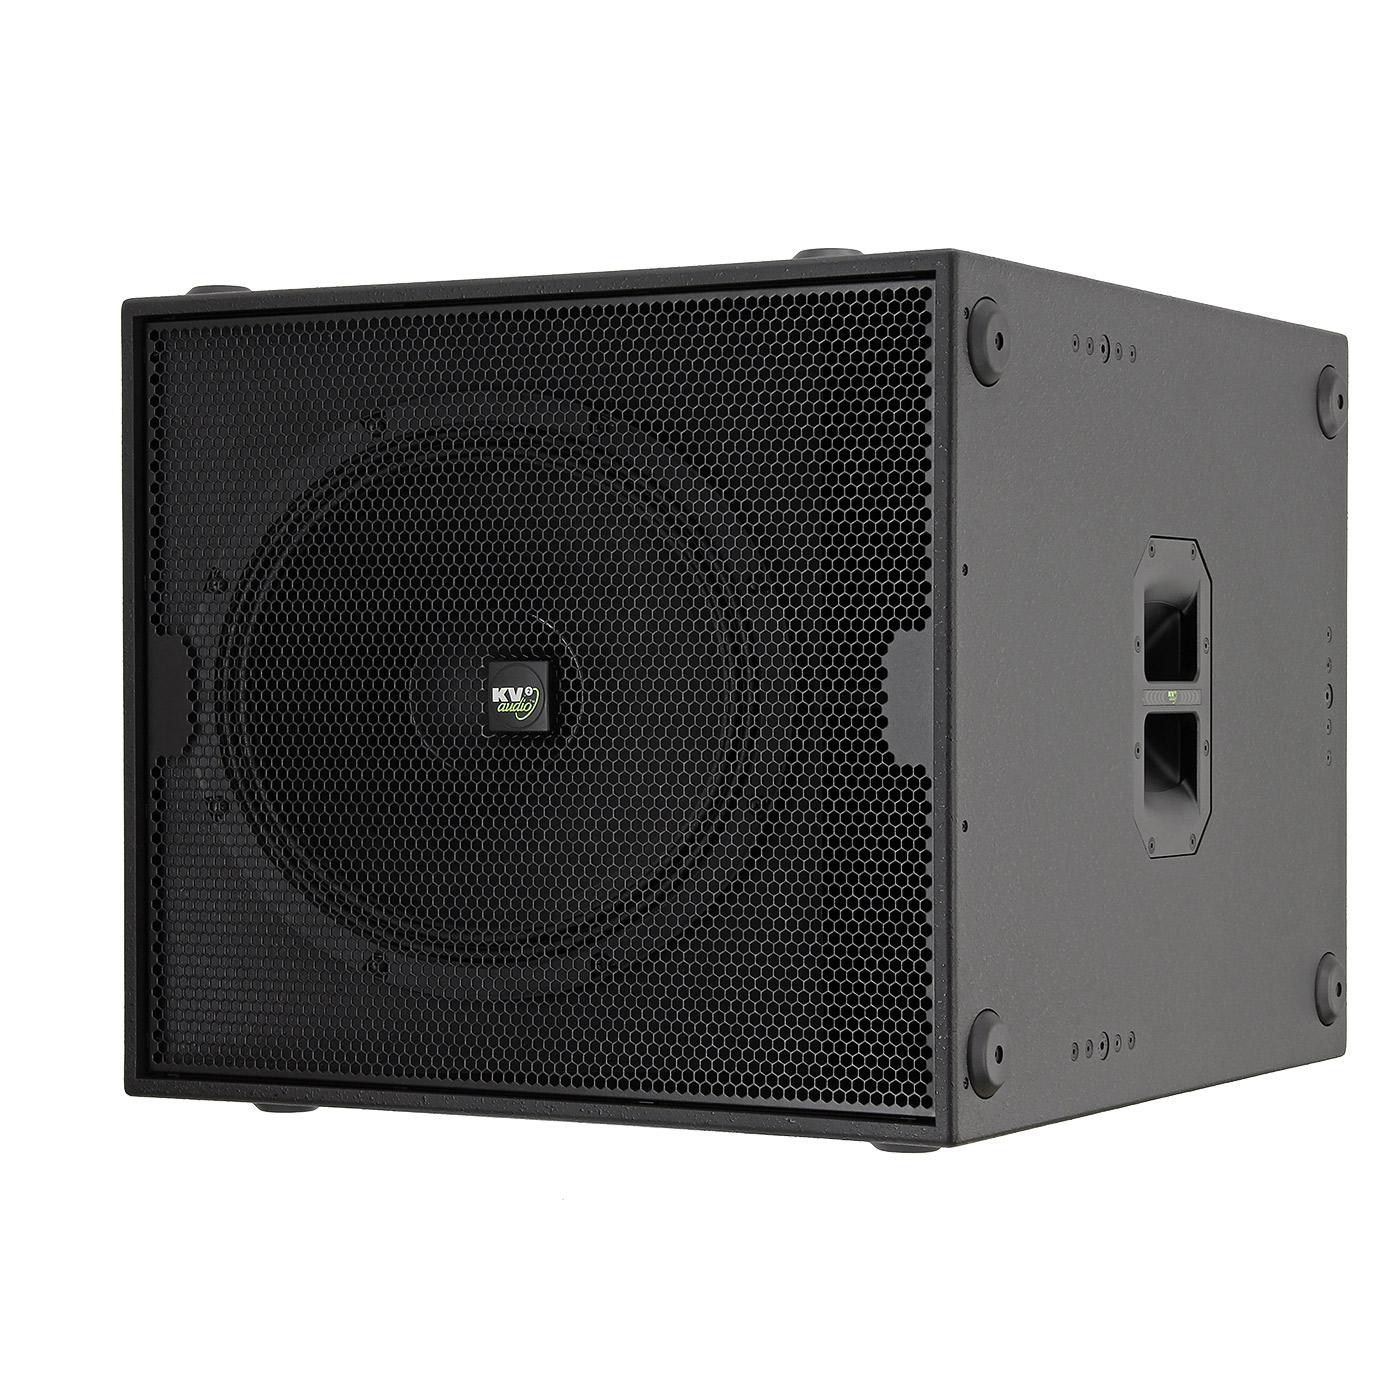 KV2 Audio ES 1.8